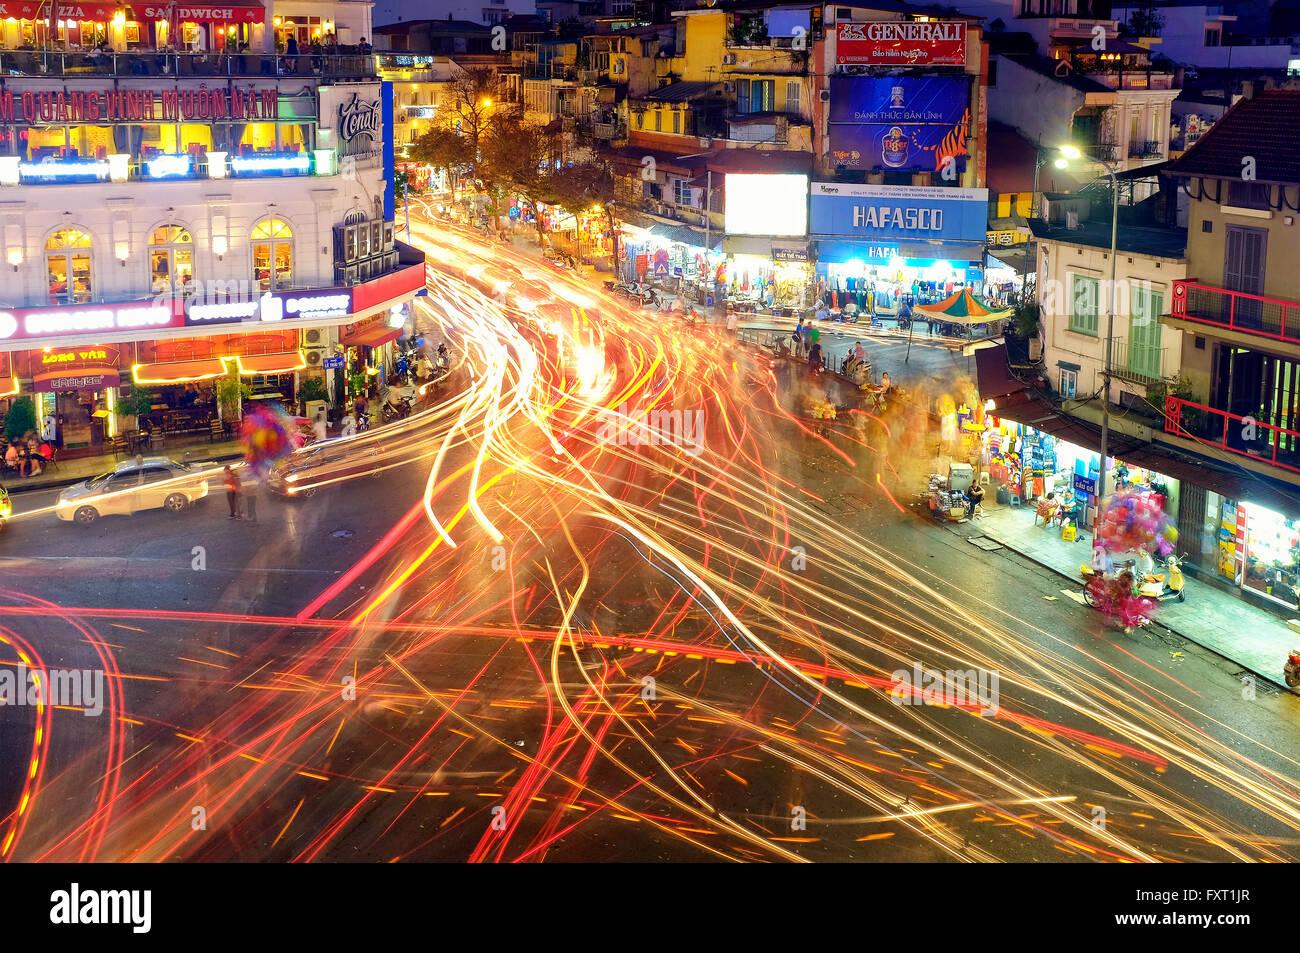 Prosciutto Mappa Ca bivio in Hanoi, Vietnam Immagini Stock